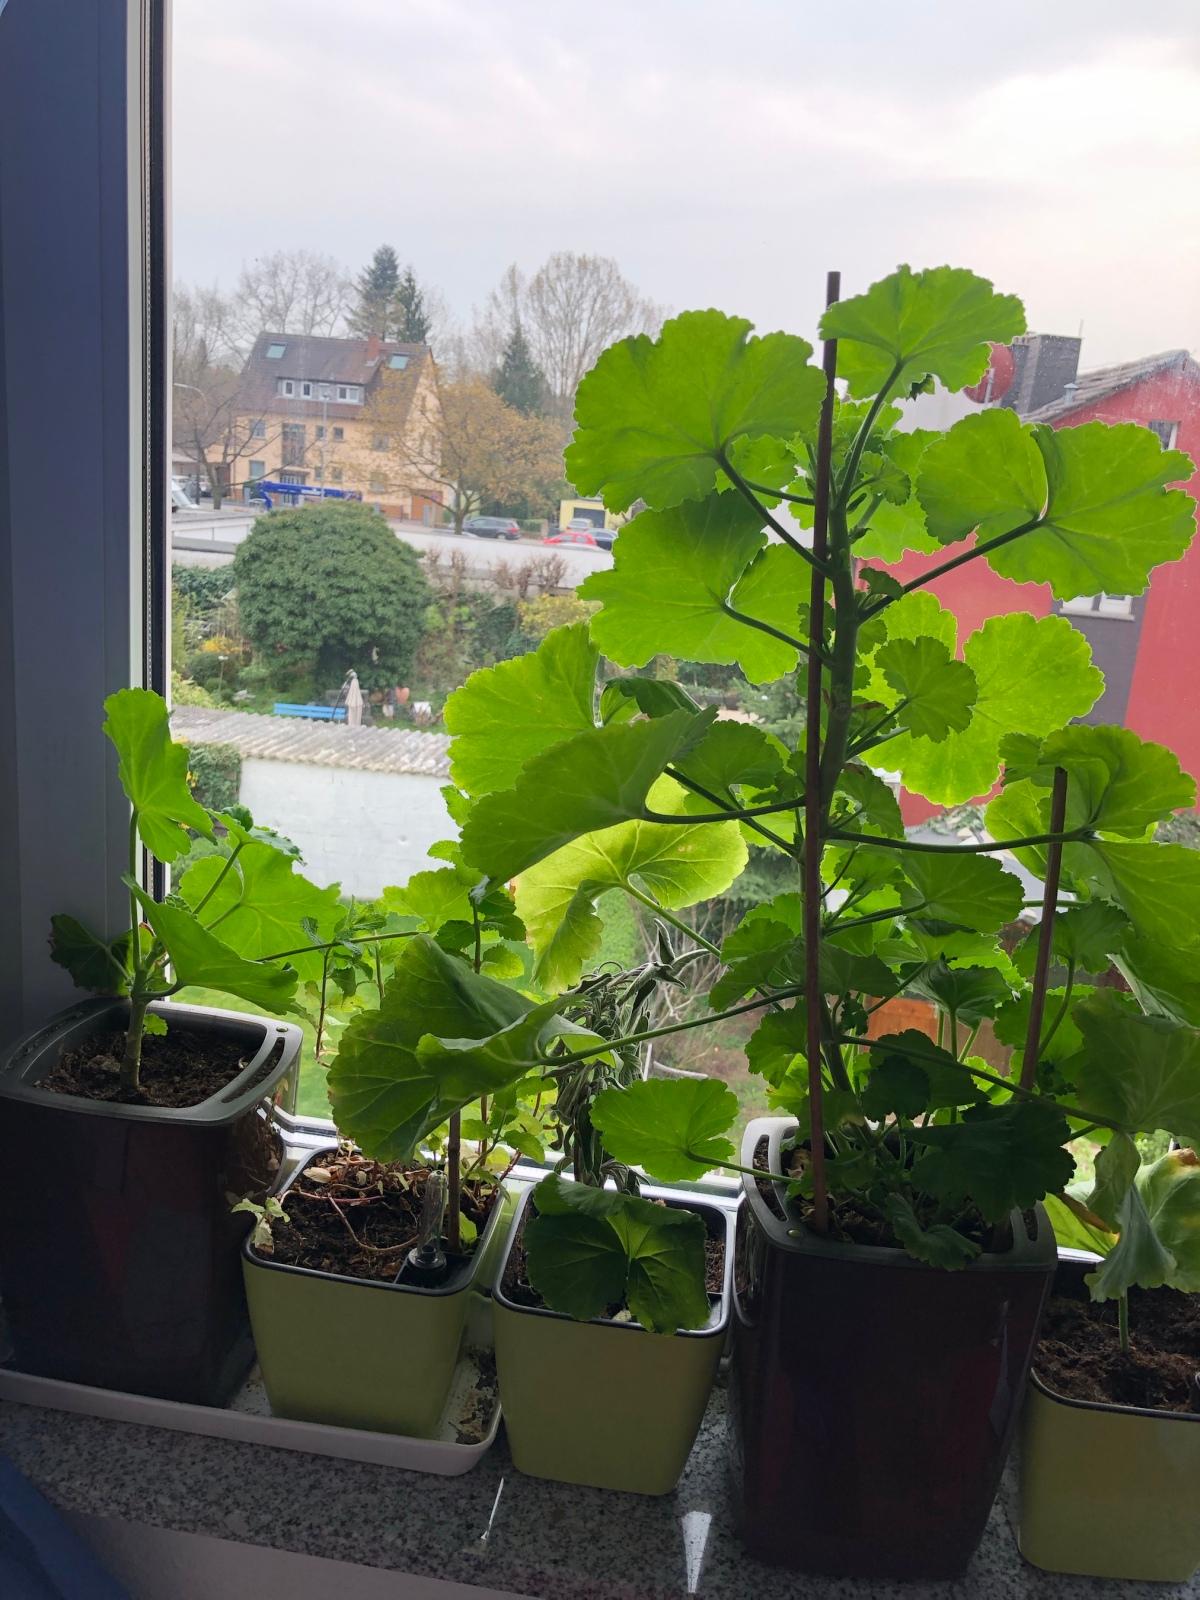 5 bepflanzte Töpfe auf einer Fensterbank.